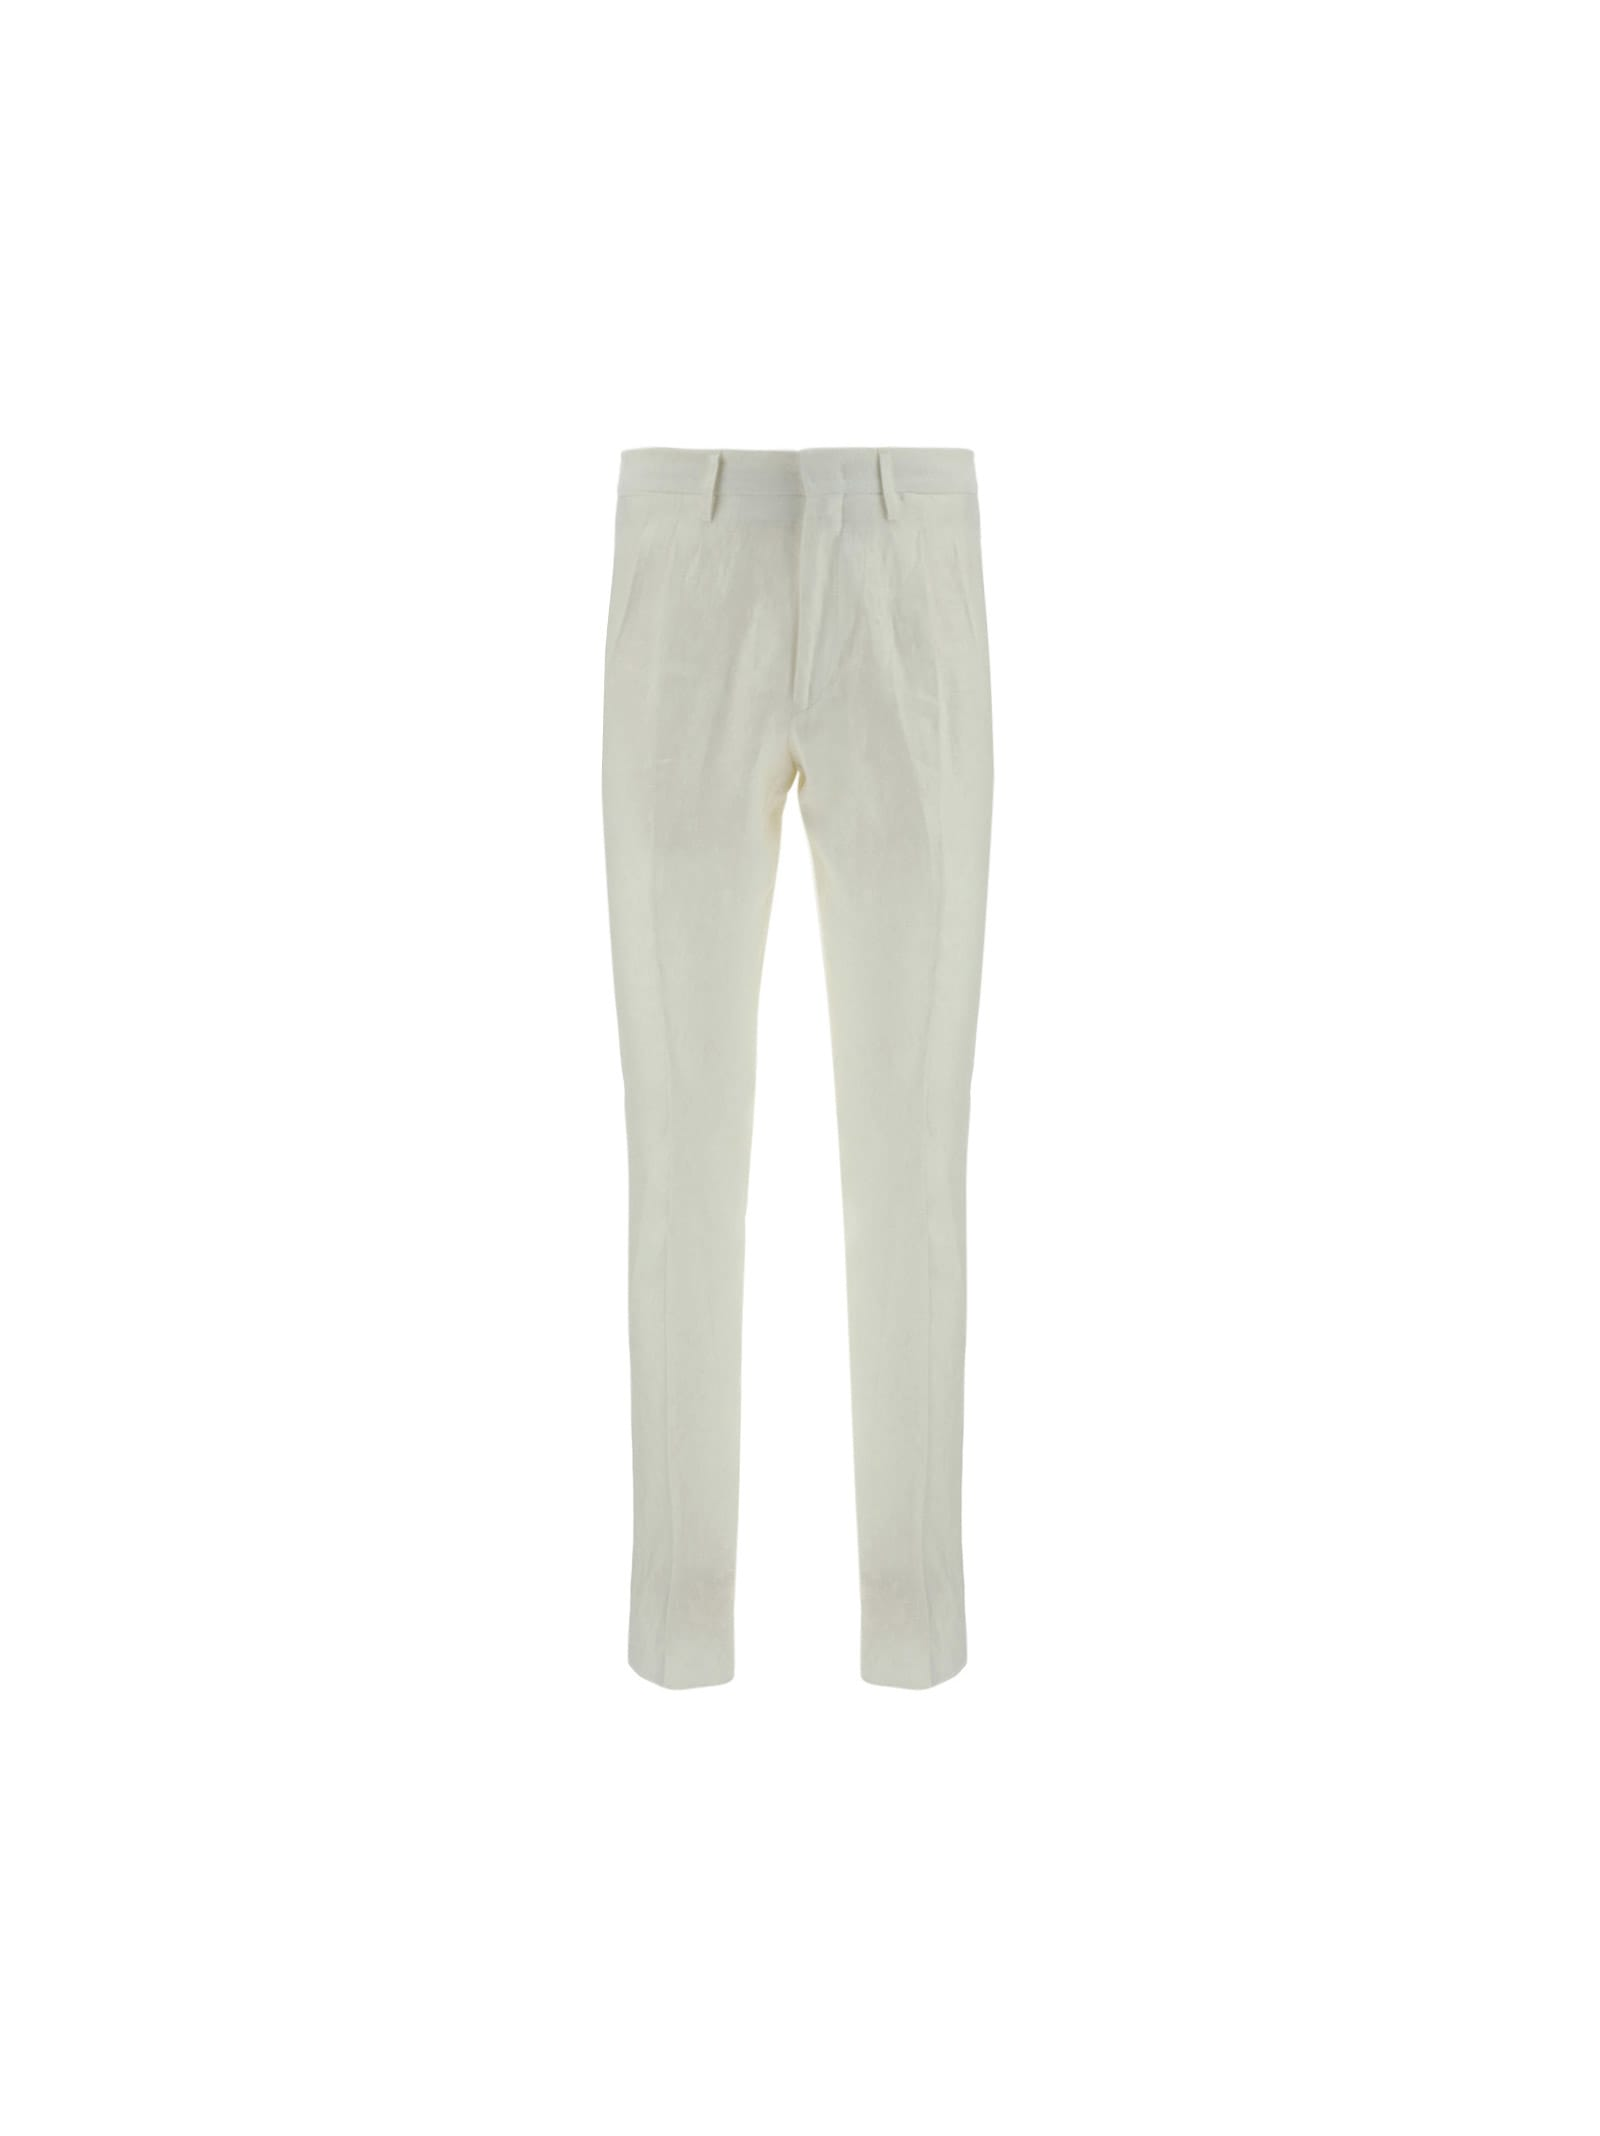 Lardini Linens PANTS